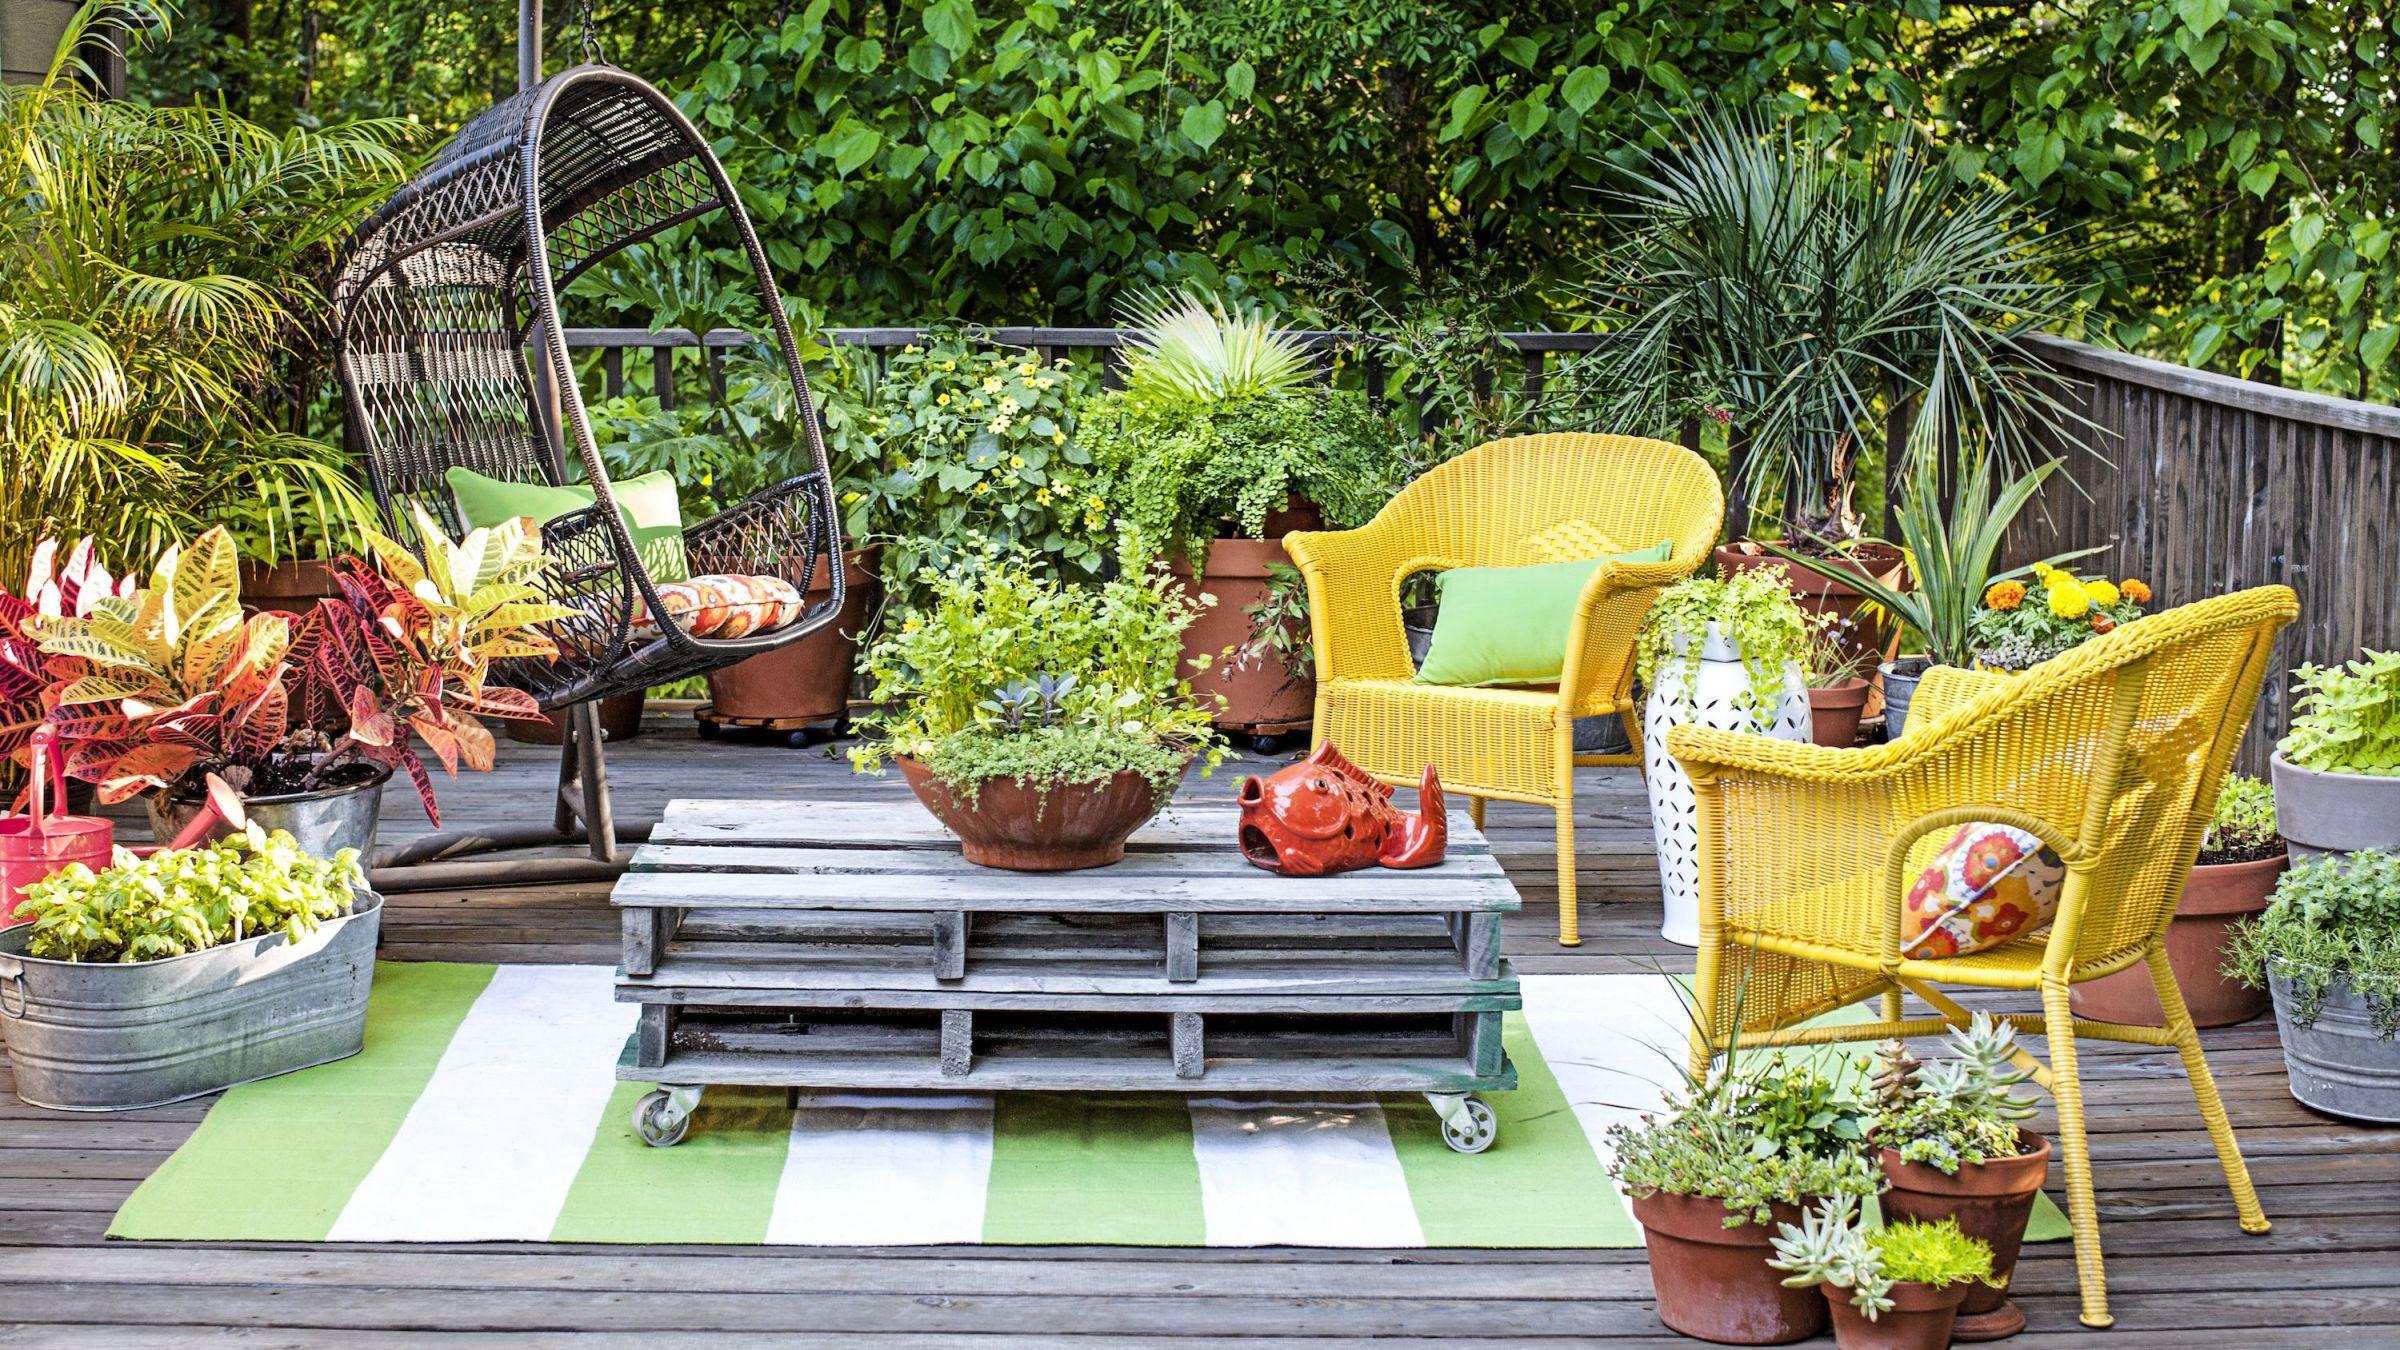 Adorable Outdoor Plants In Pots Ideas